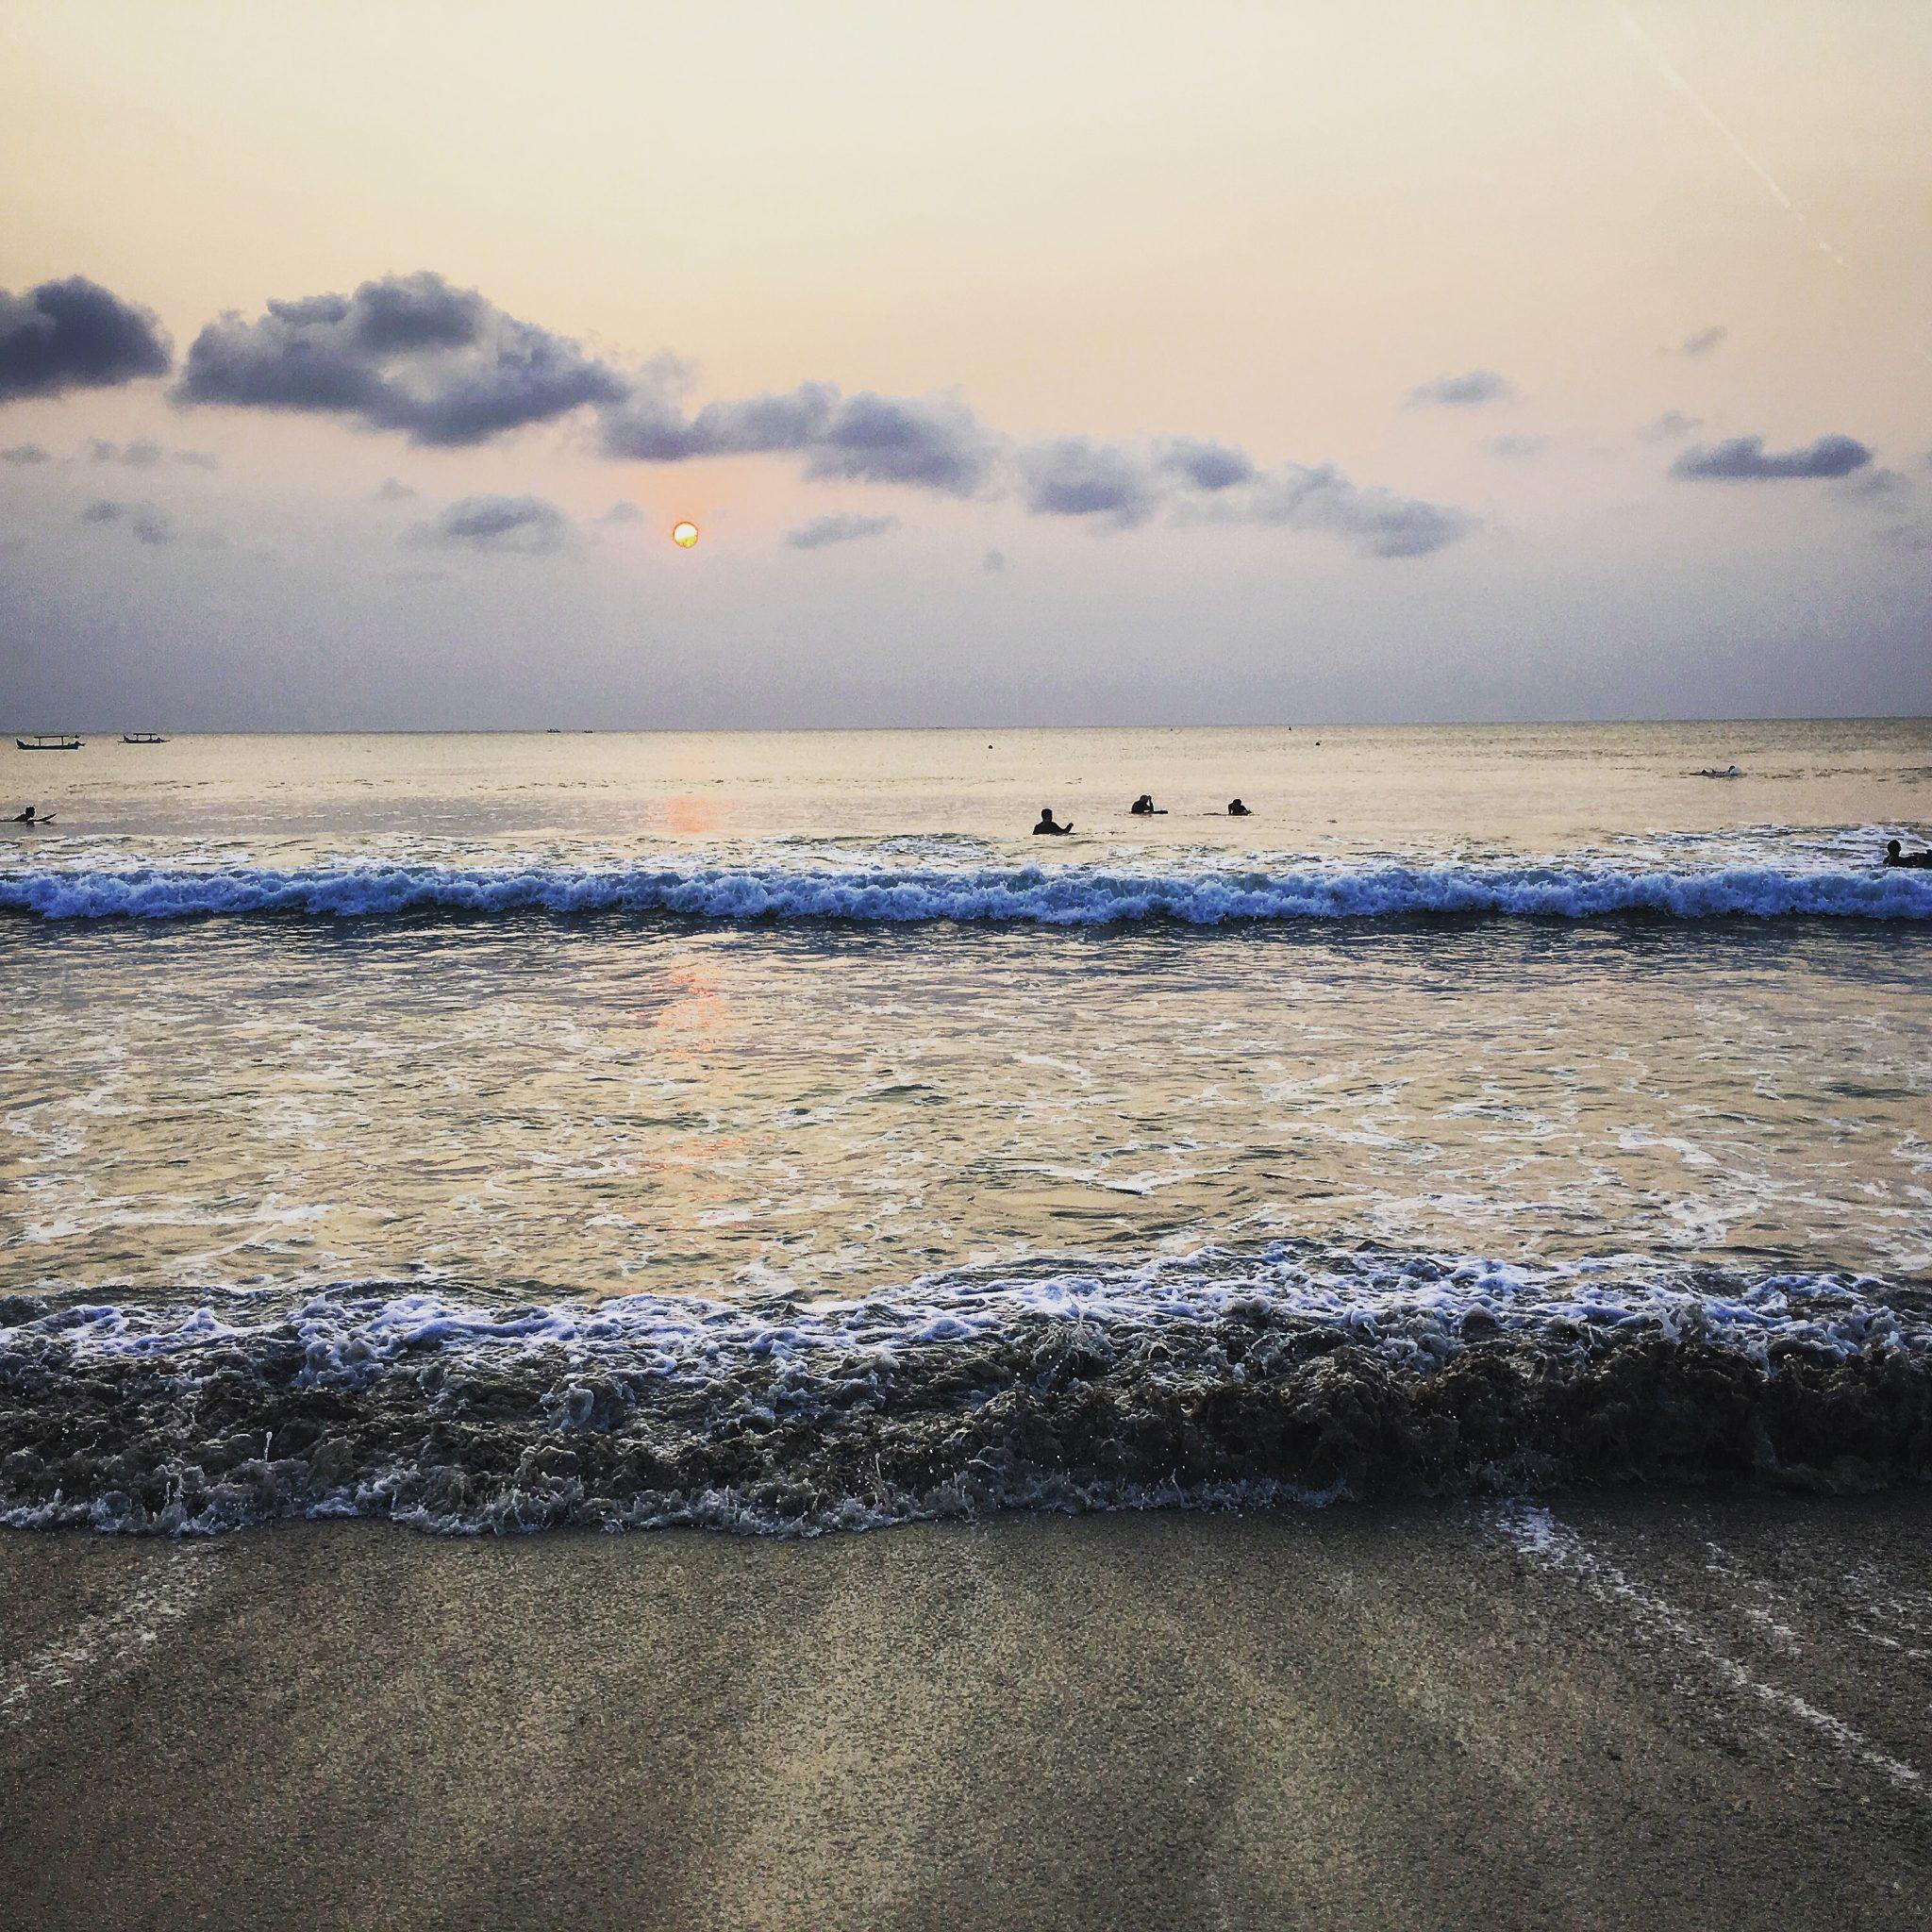 Kuta sunset, Bali